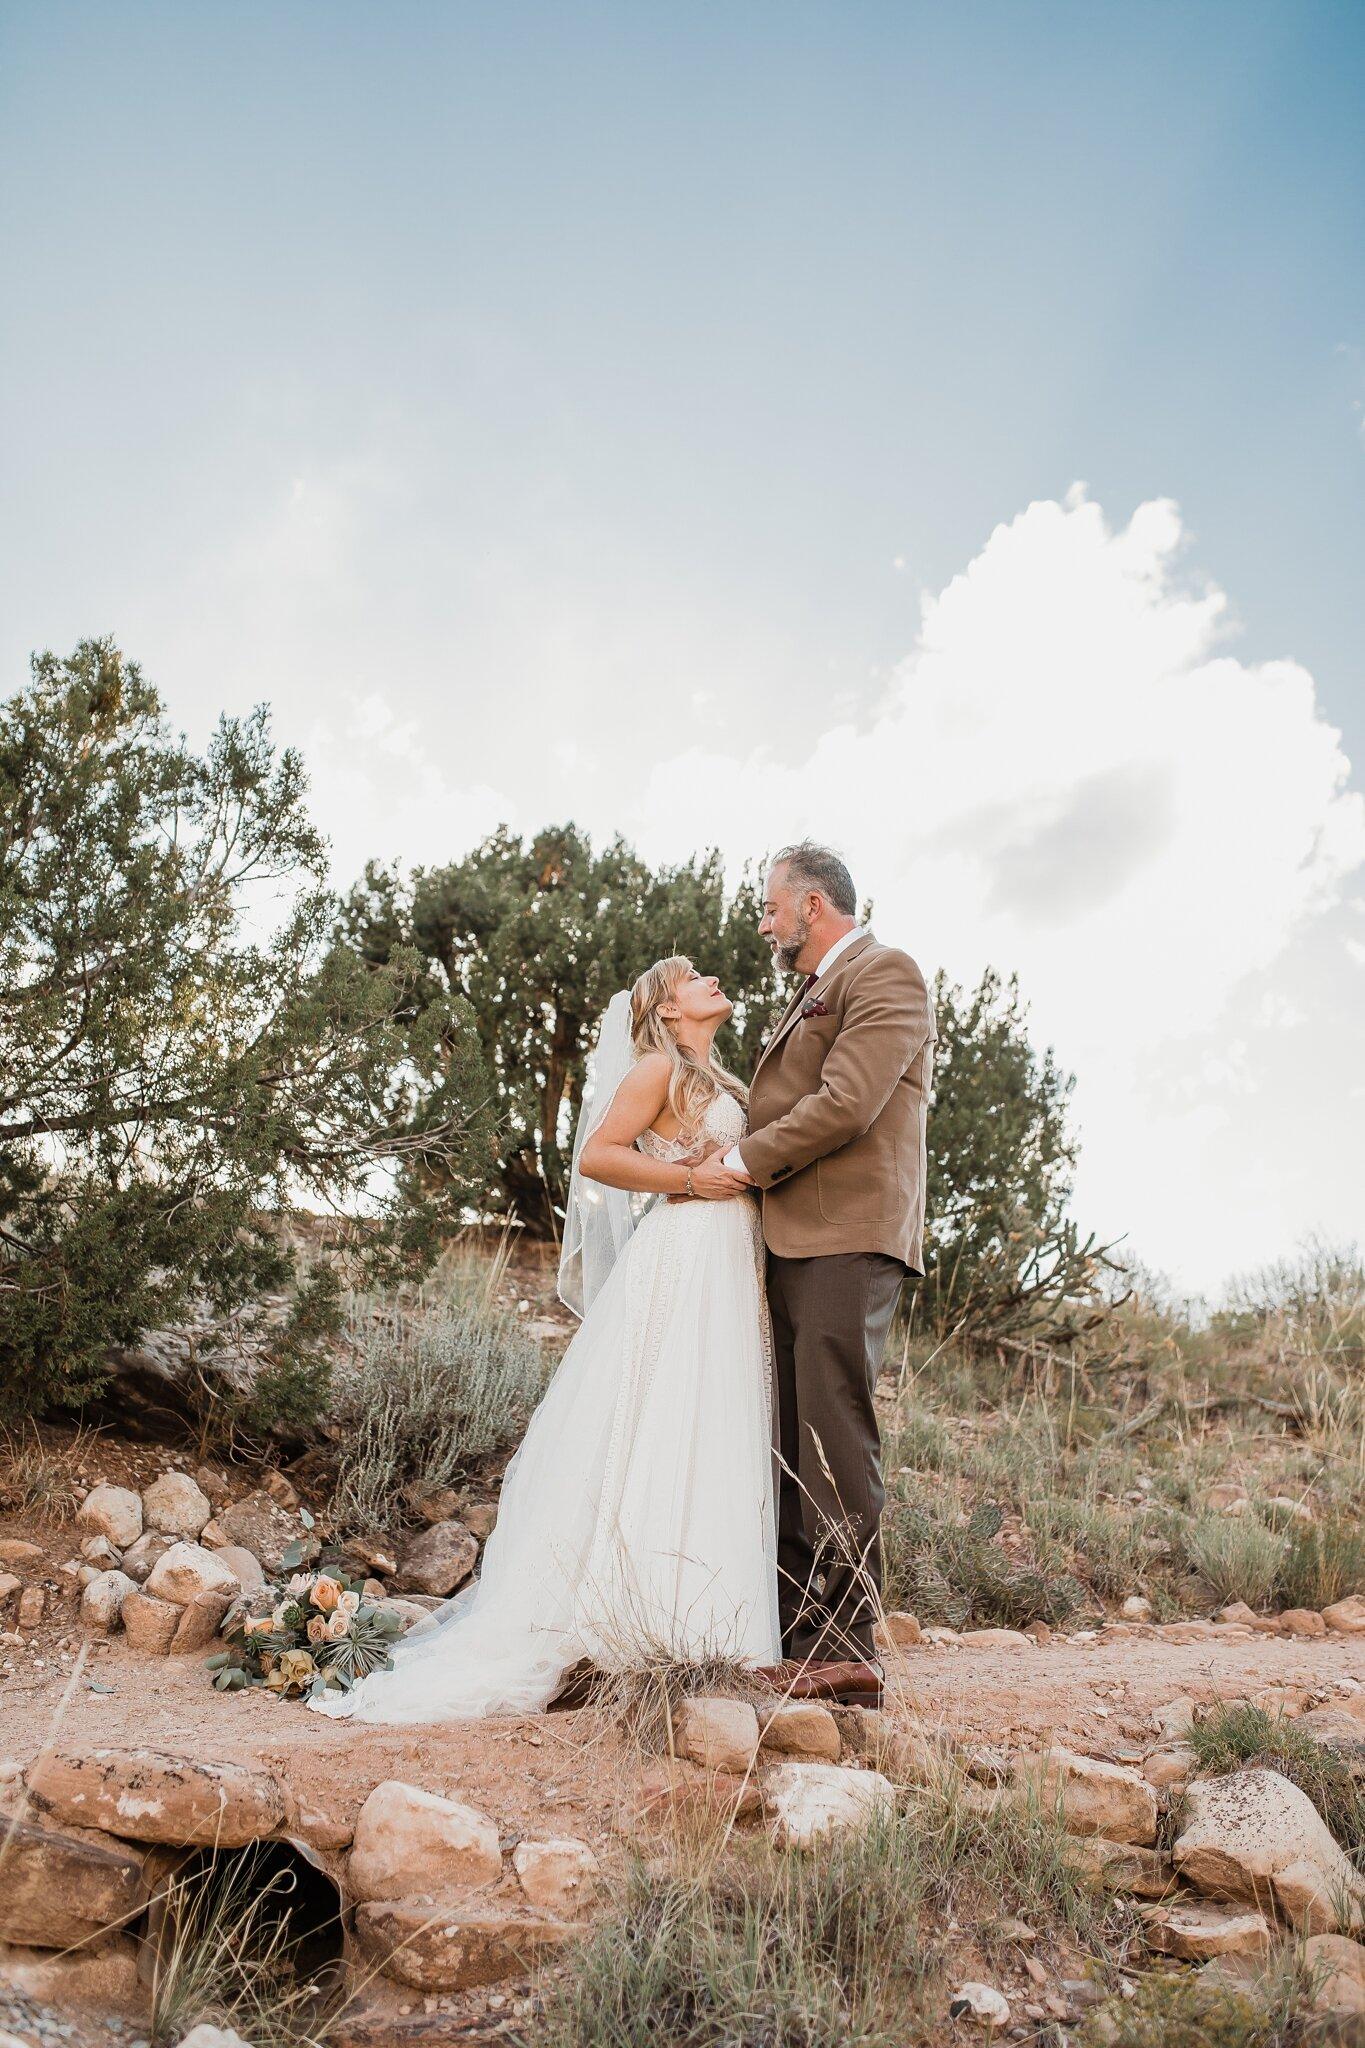 Alicia+lucia+photography+-+albuquerque+wedding+photographer+-+santa+fe+wedding+photography+-+new+mexico+wedding+photographer+-+new+mexico+wedding+-+wedding+-+santa+fe+wedding+-+ghost+ranch+-+ghost+ranch+wedding+-+fall+wedding_0059.jpg